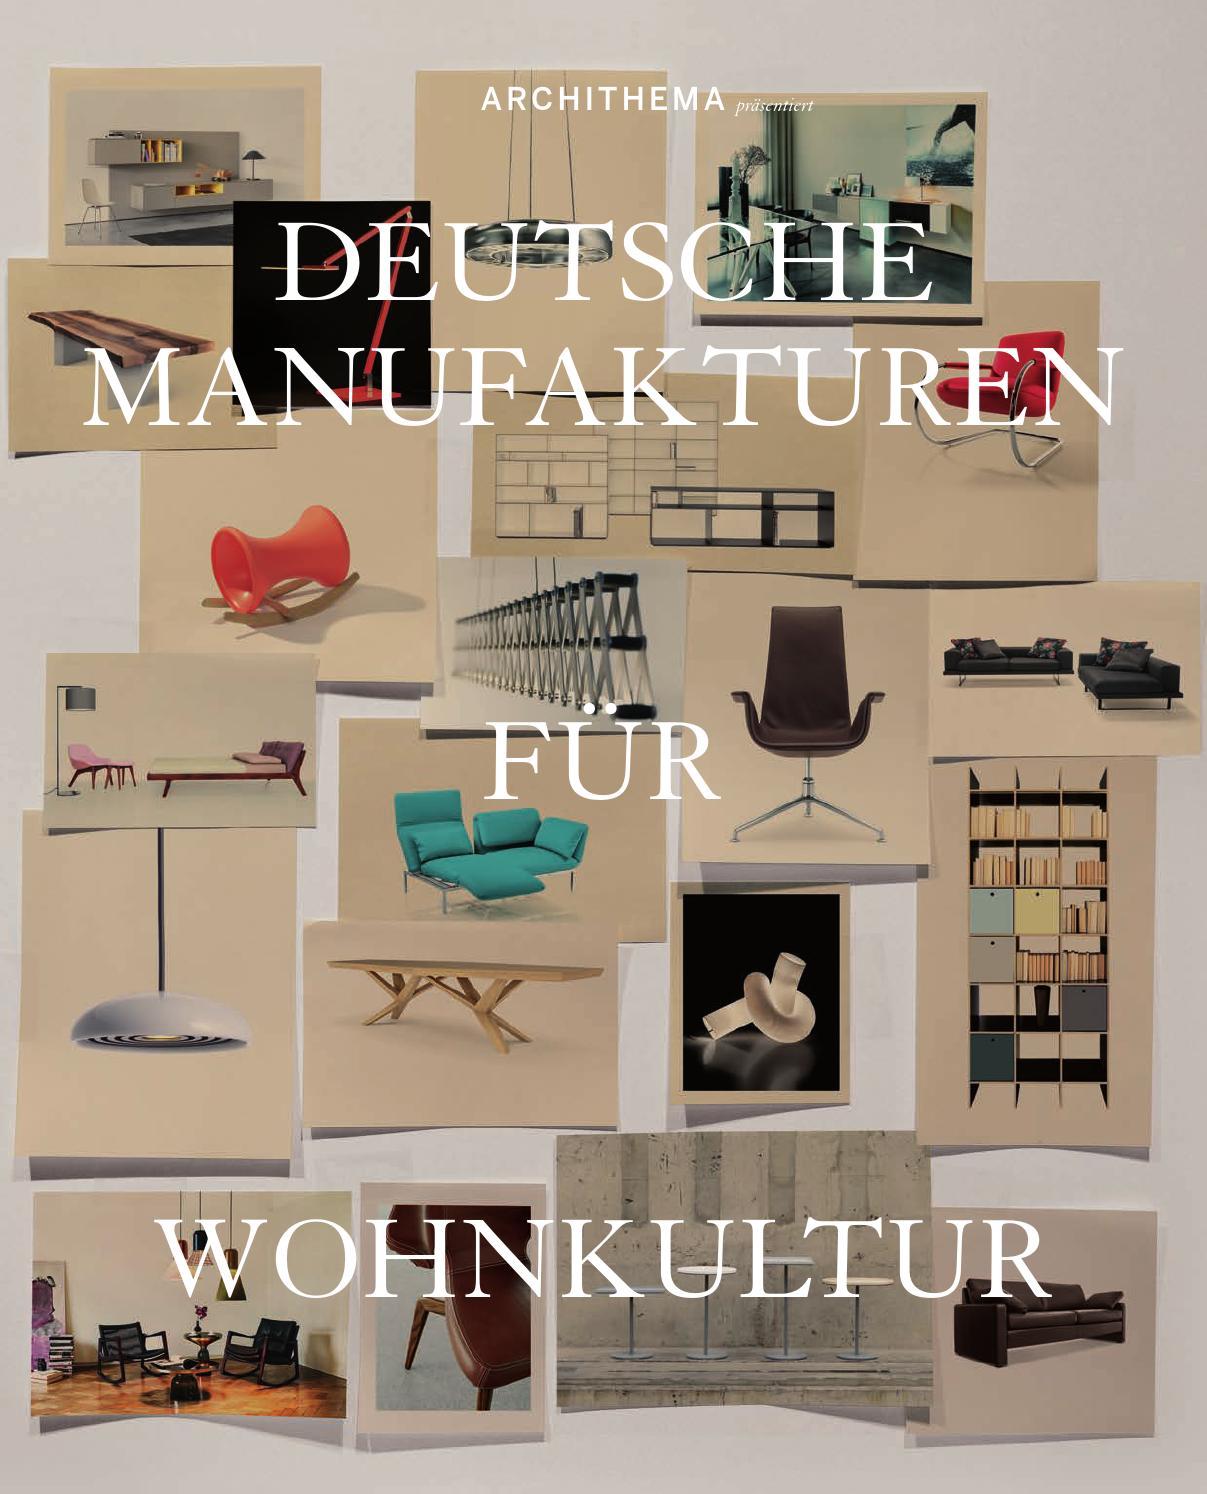 160 + Teile Go Plus 2.0 Kinder Architektonisch Heim Modellbau Set